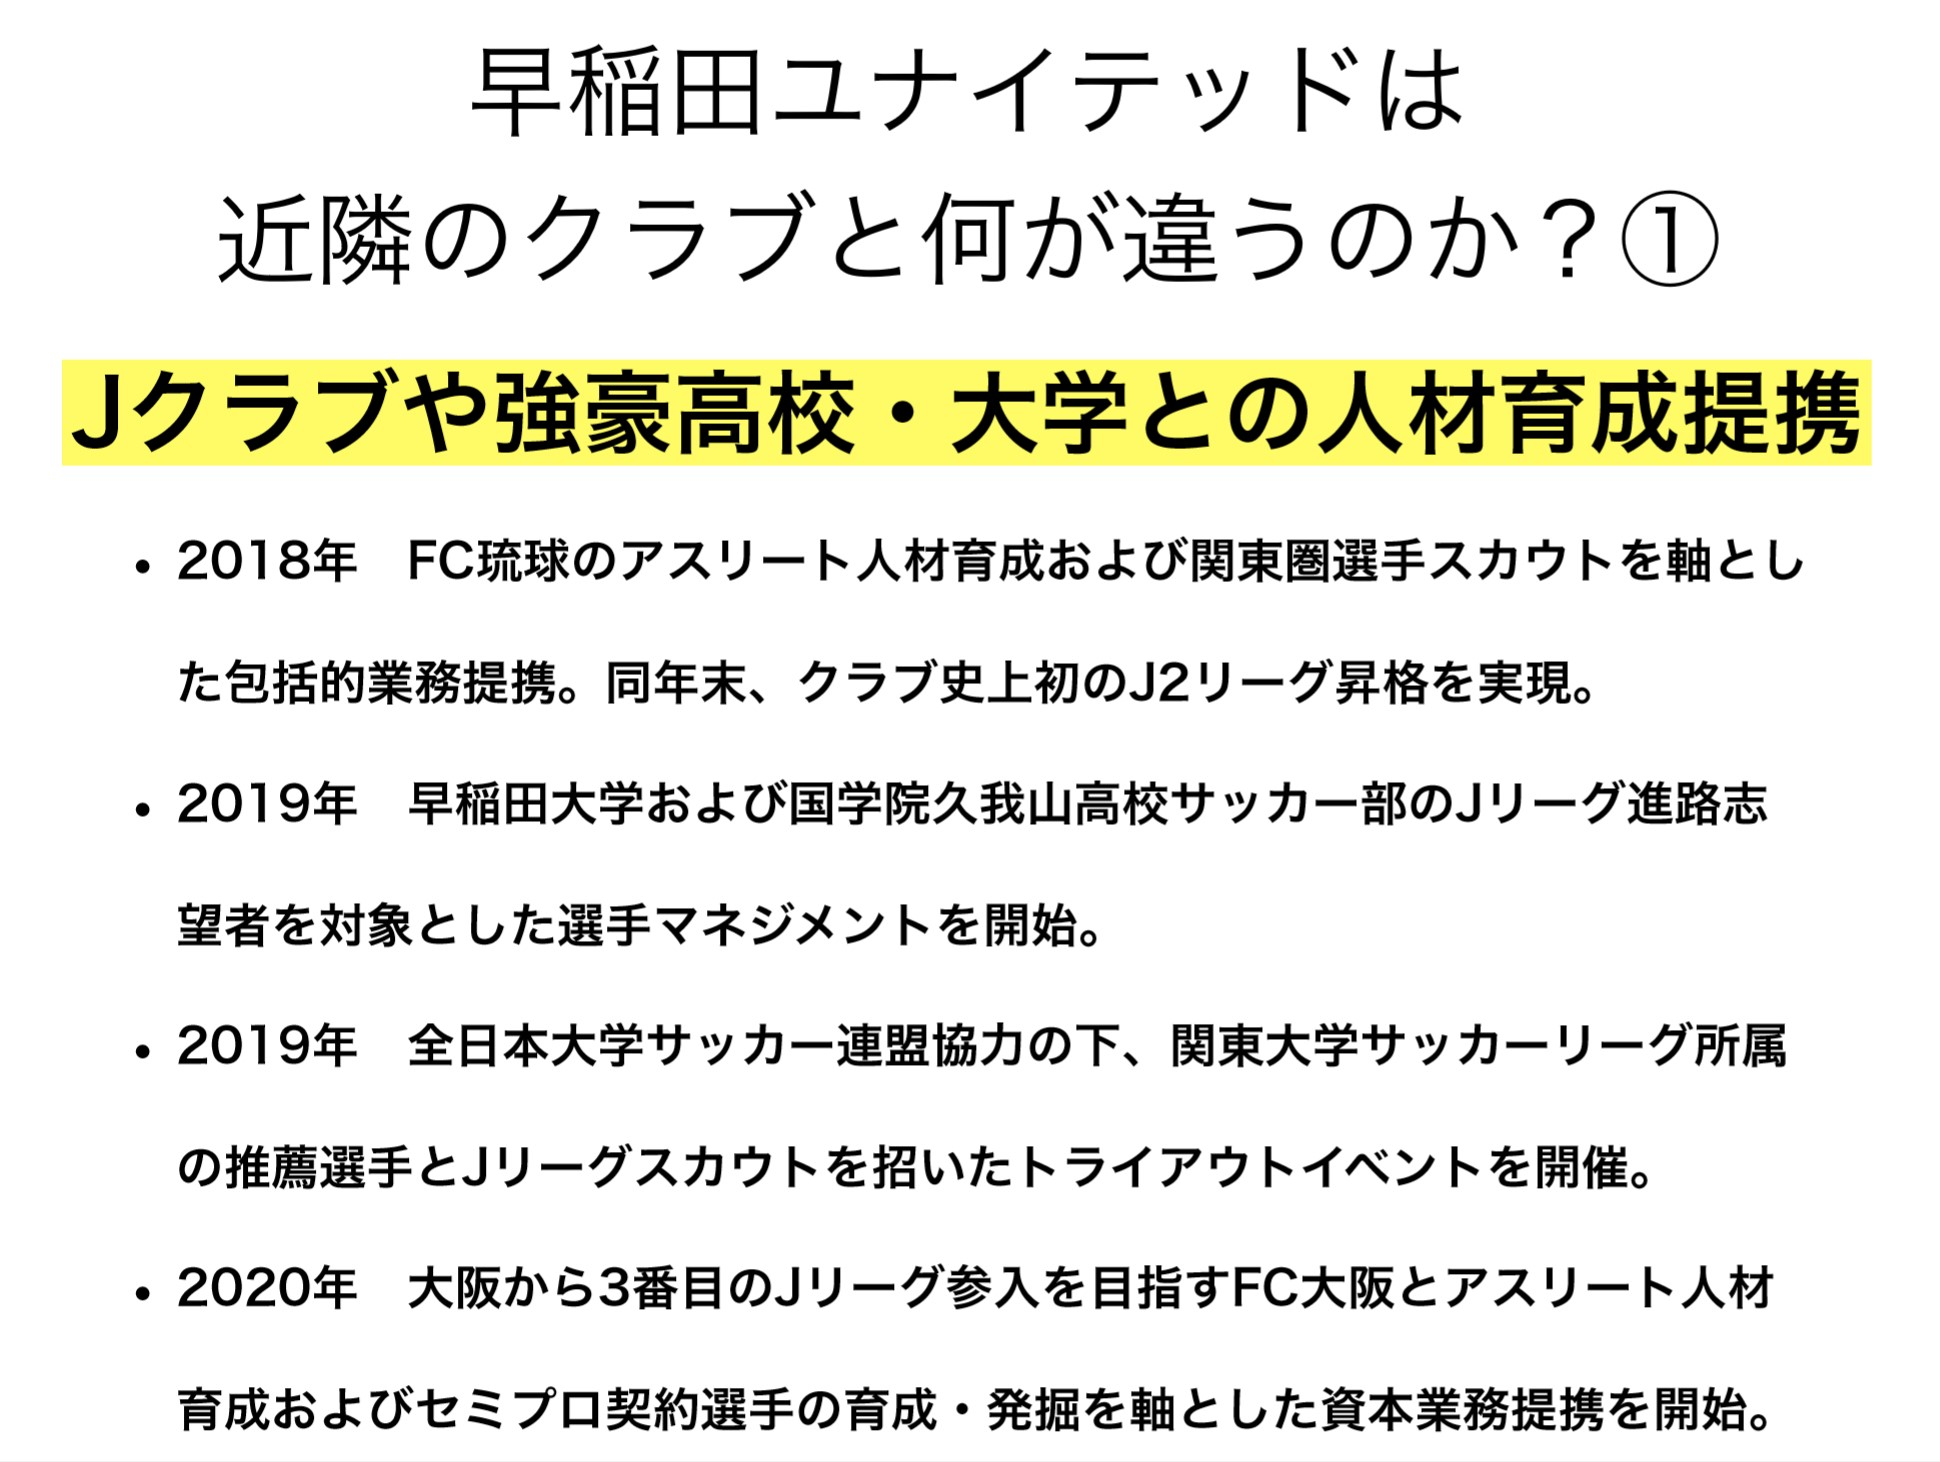 早稲田ユナイテッドアカデミー説明資料5